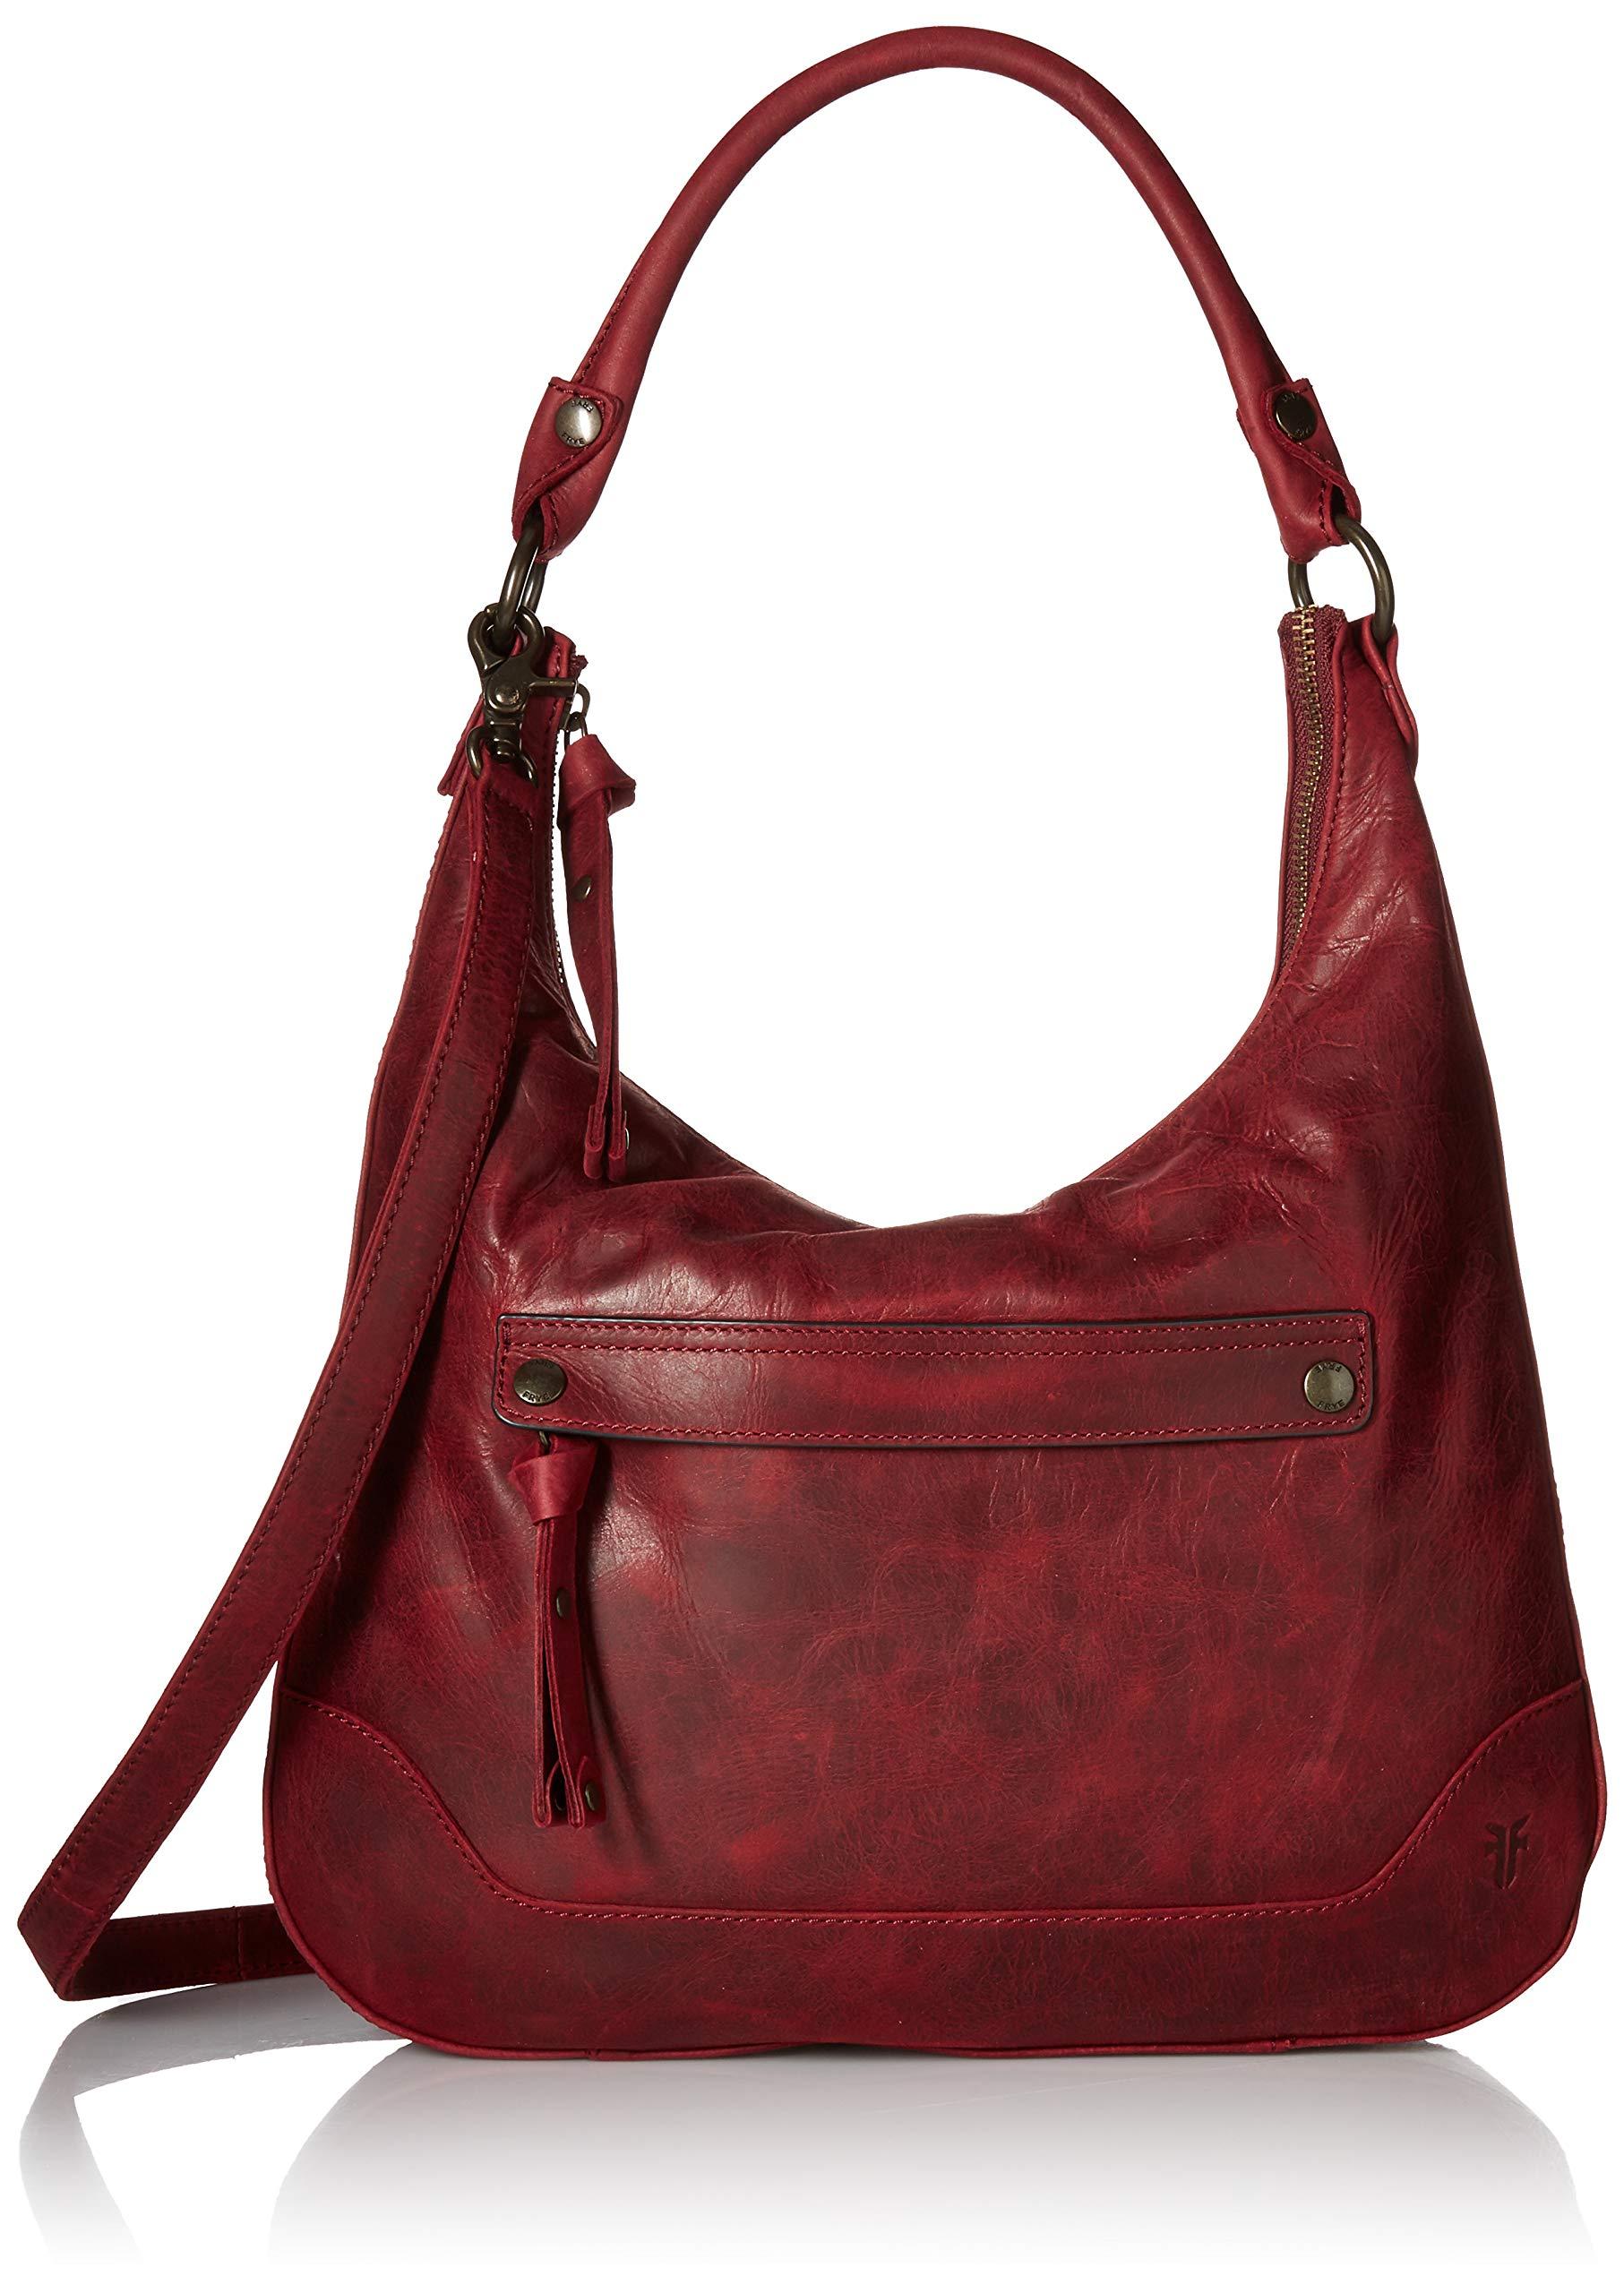 FRYE Melissa Zip Leather Hobo Handbag, sangria